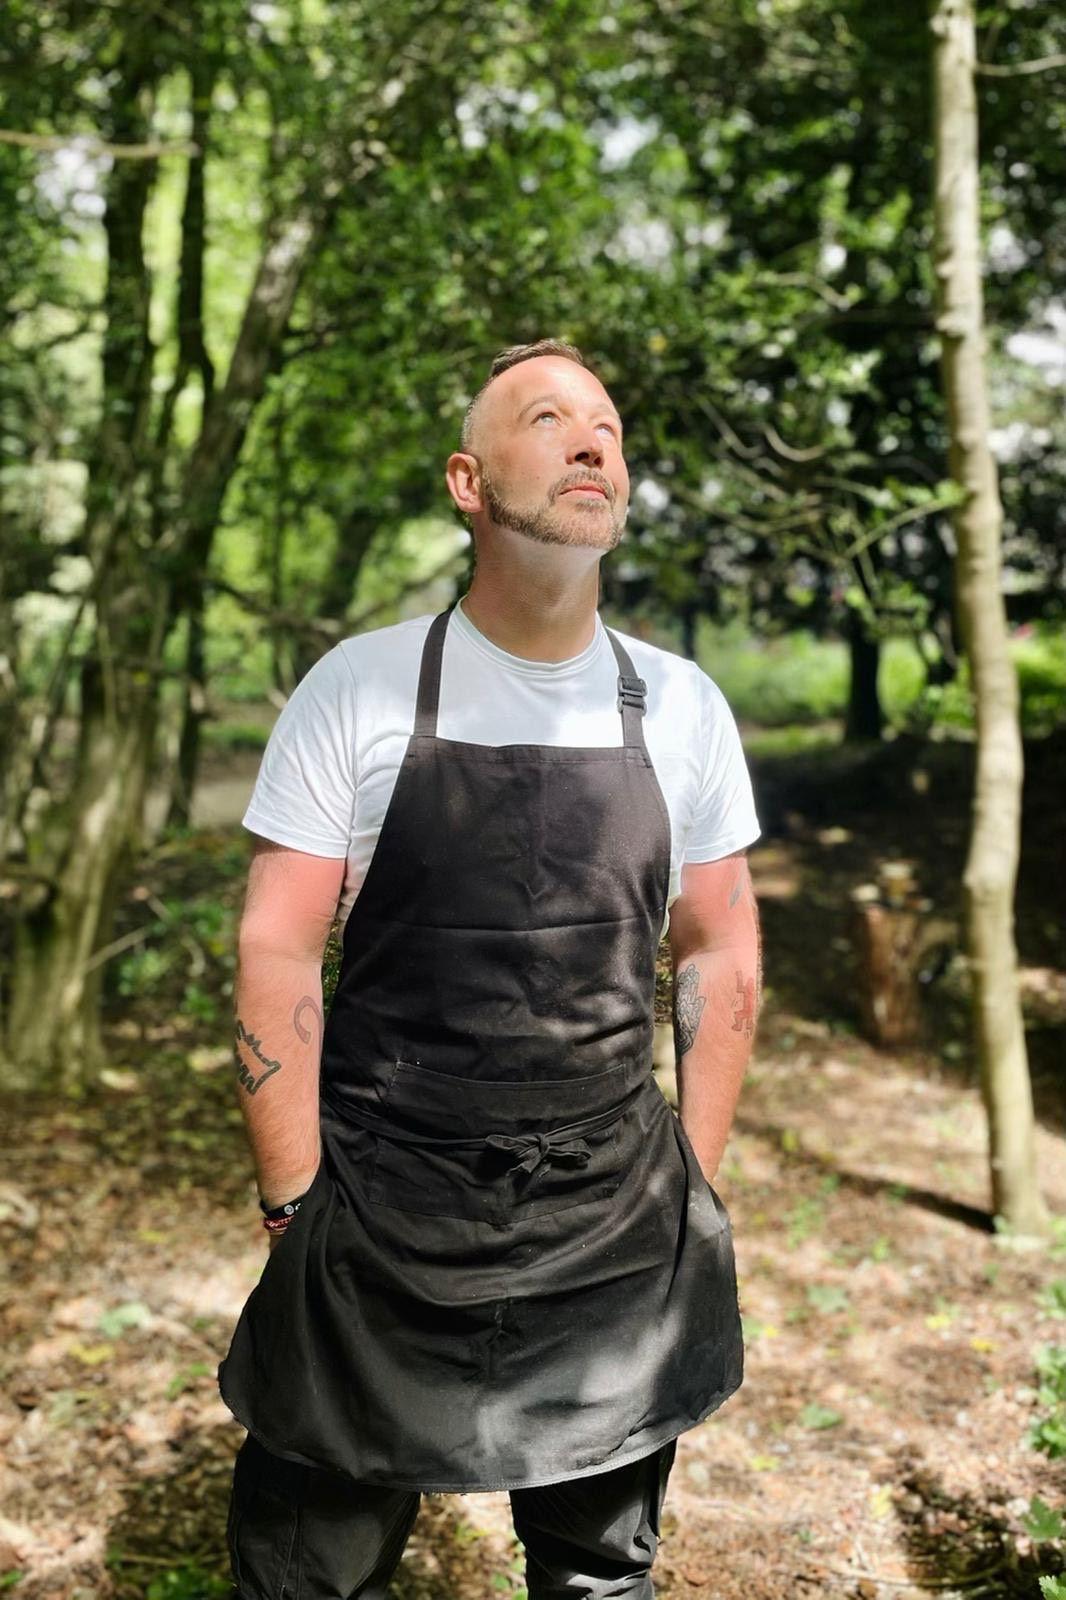 Jupiter artland Edinburgh Barry Bryson chef